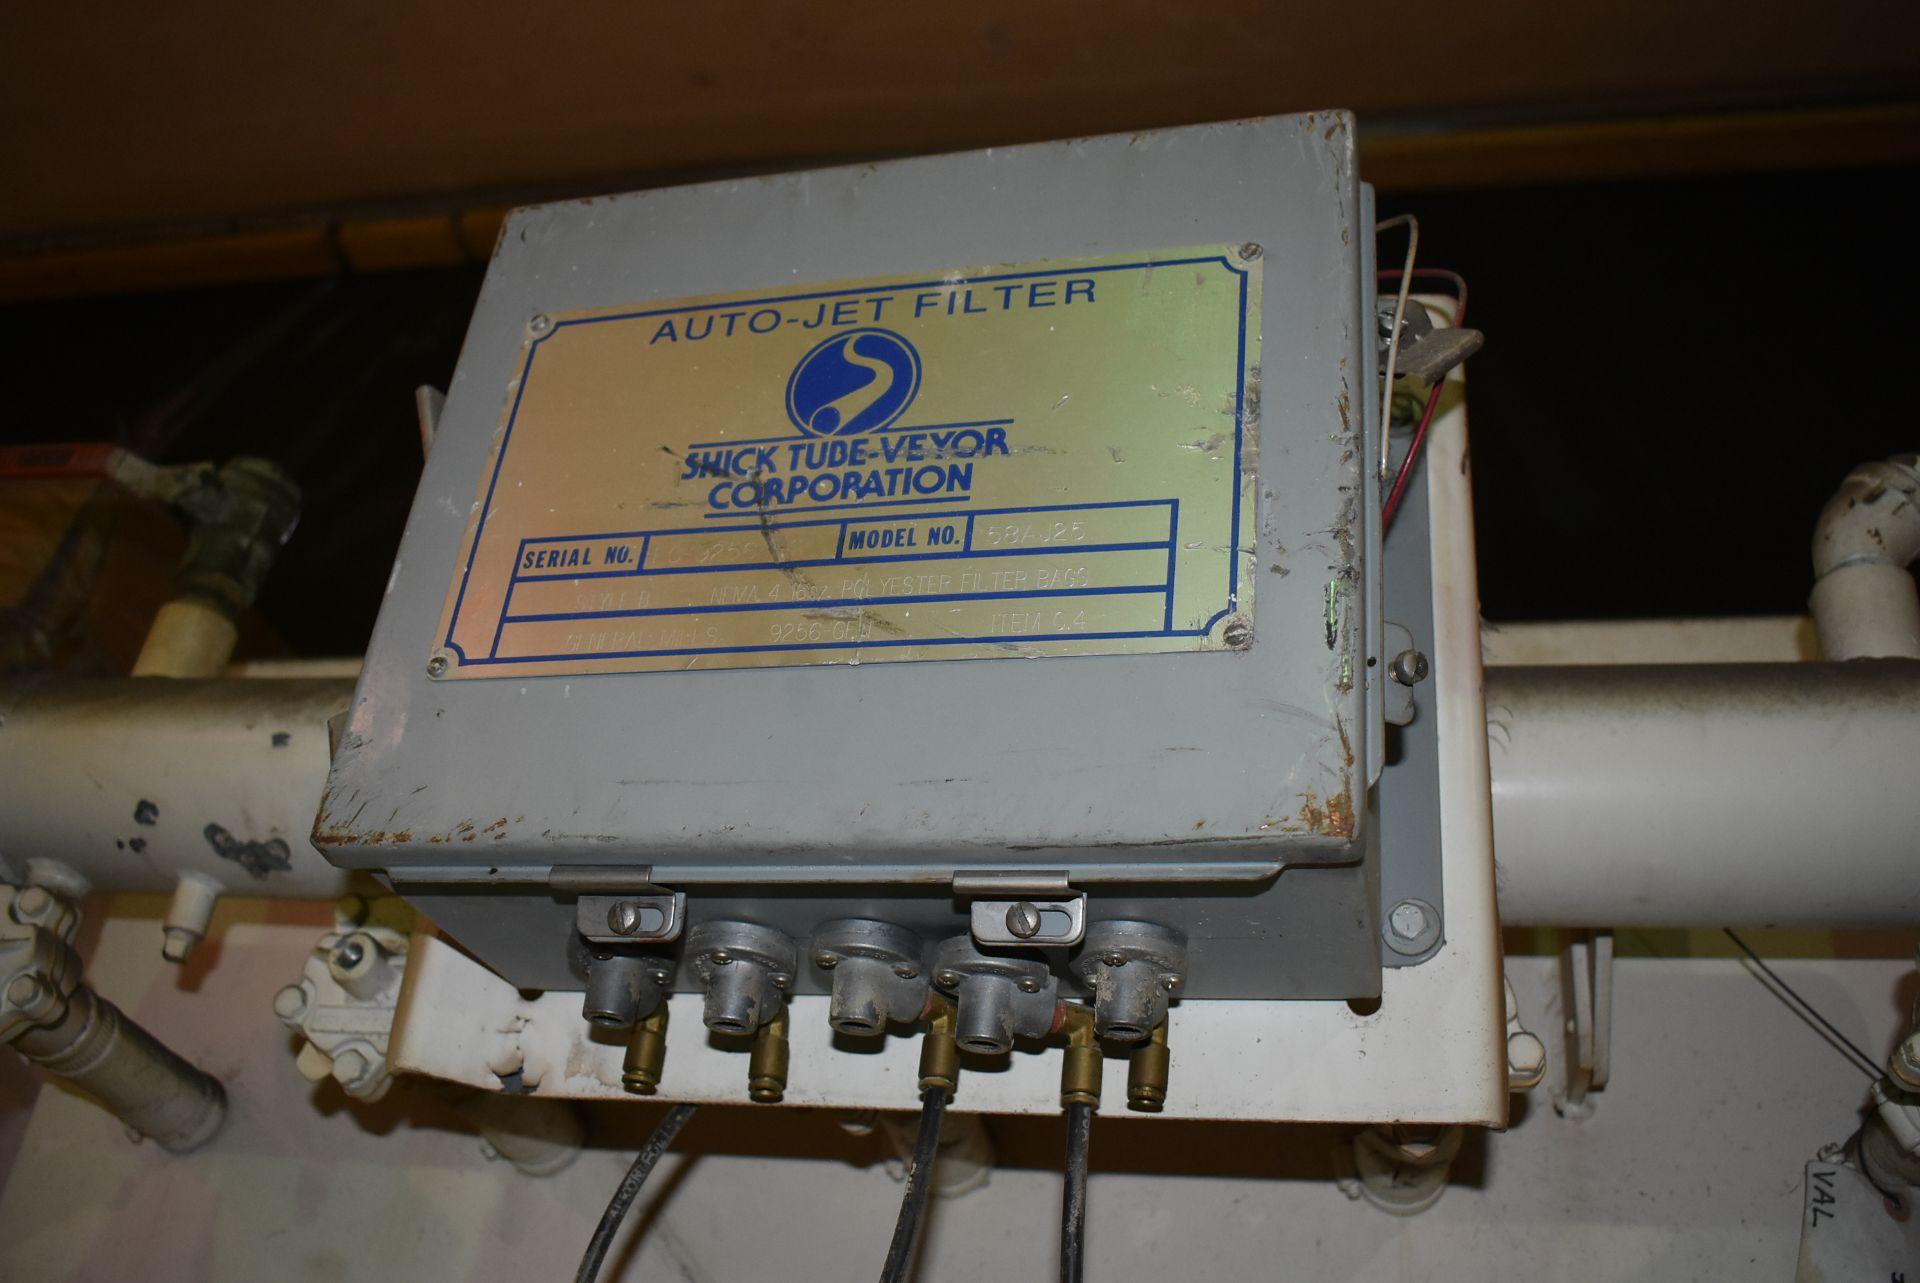 Shick Tube-Veyor Model #58A025 Auto Jet Filter System - Image 3 of 4